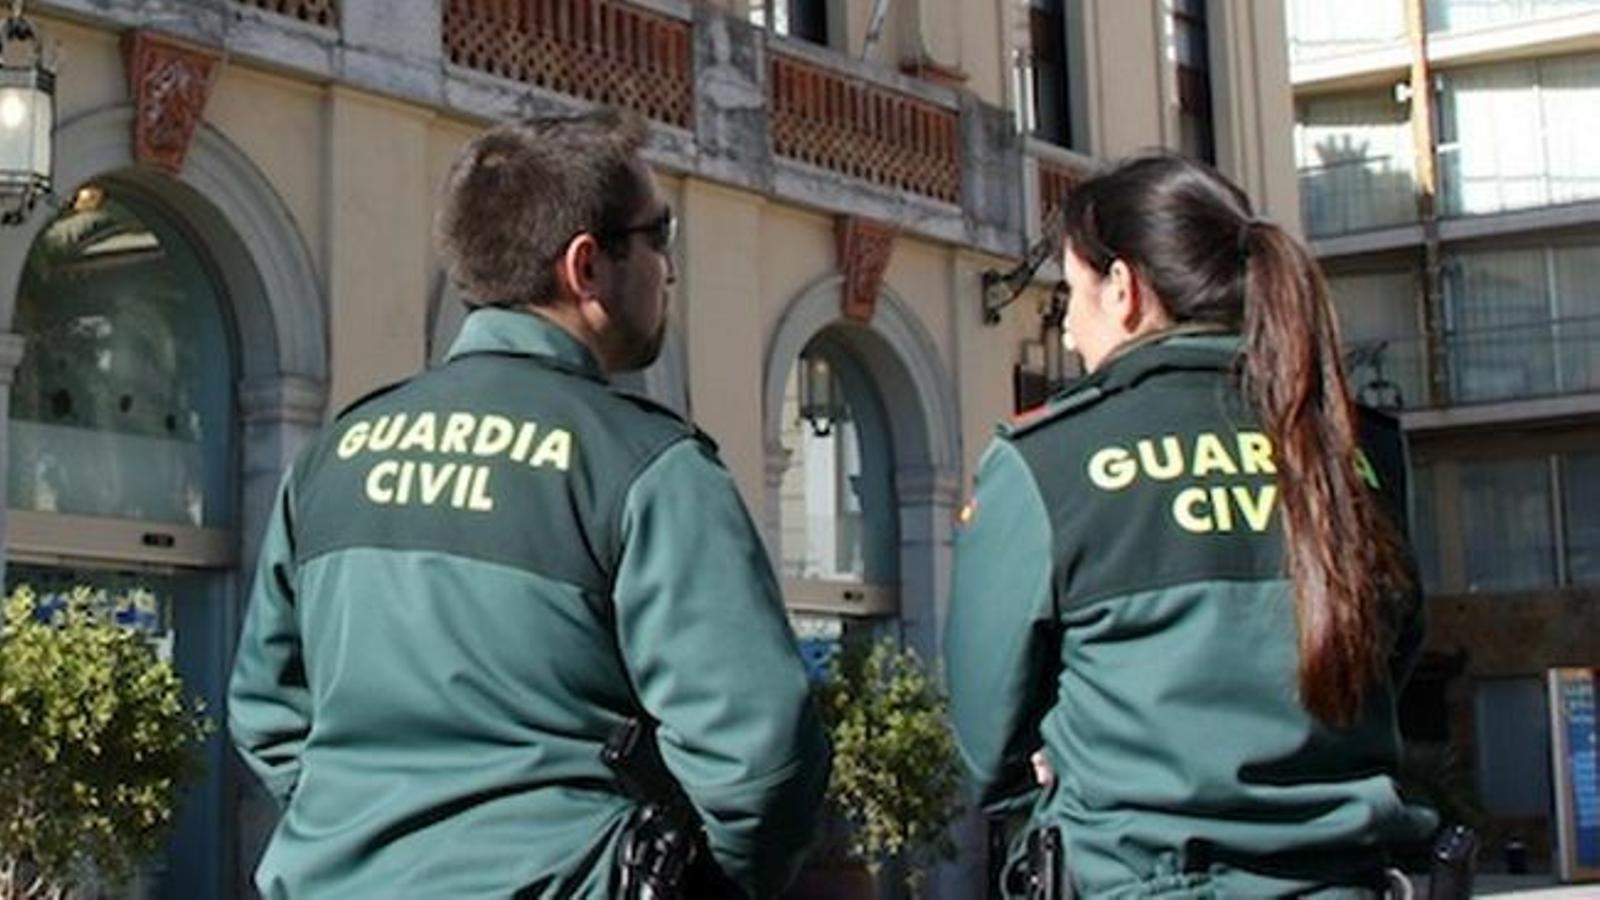 Presó provisional sense fiança per a dos dels detinguts per la violació en grup de Cala Rajada